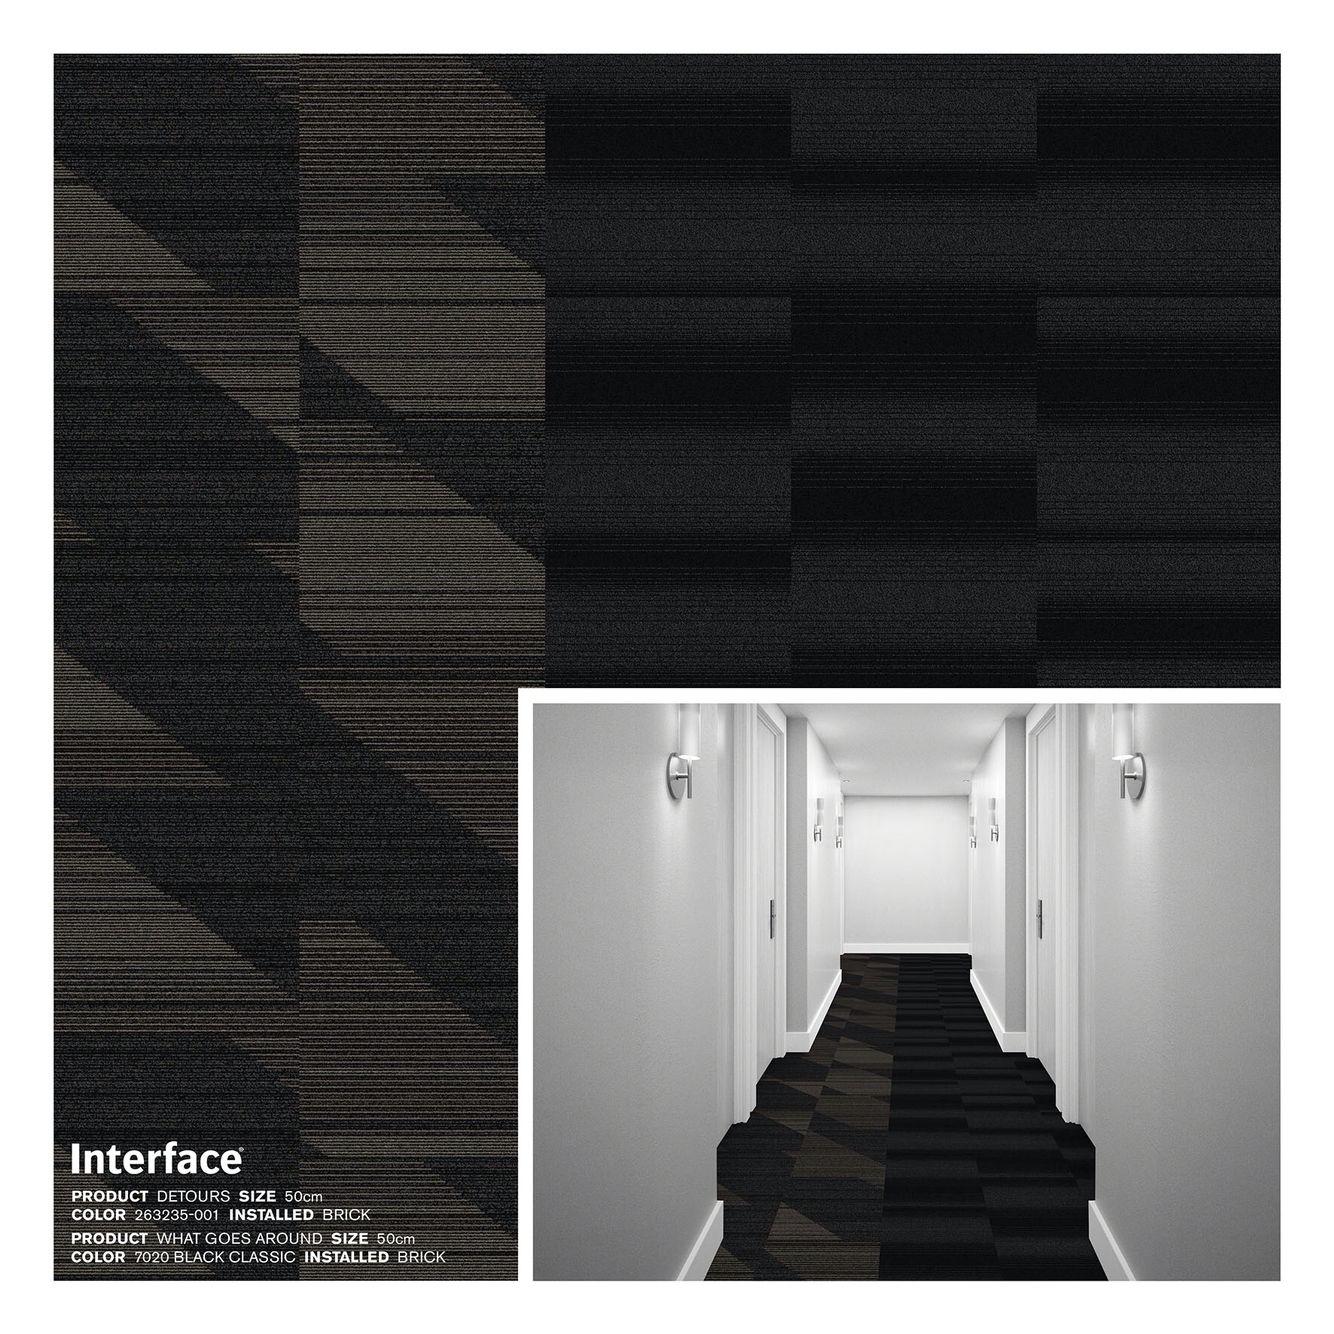 Interface carpet multifamily interface carpet tiles pinterest explore carpet tiles color pallets and more interface carpet multifamily baanklon Gallery